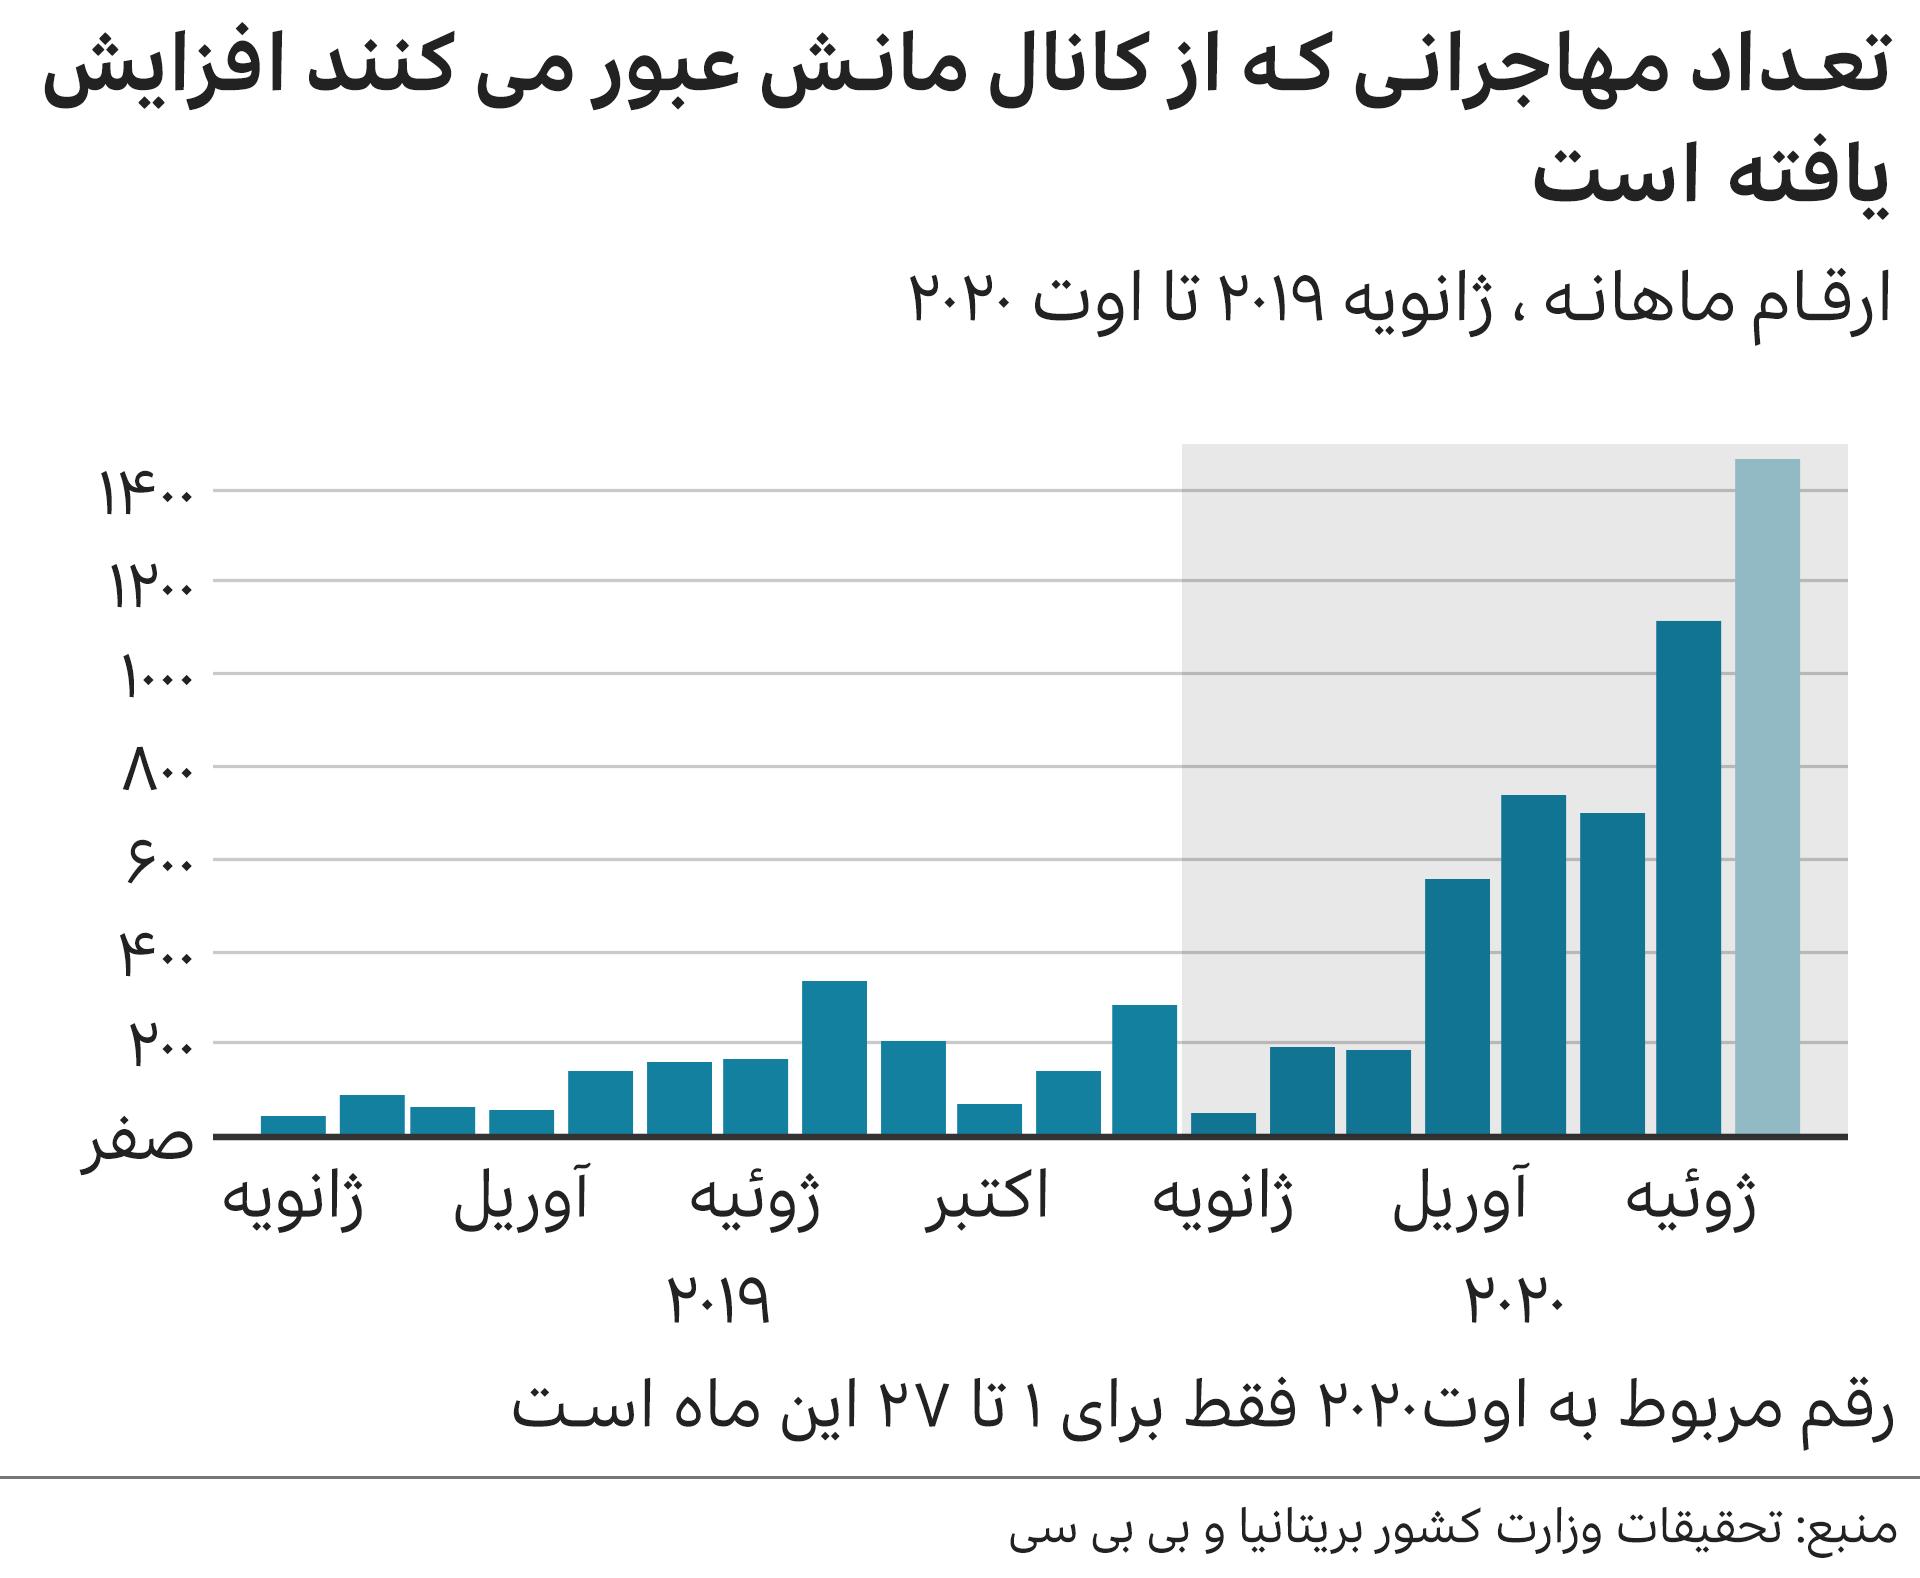 959007 916 - تراژدی غرق شدن خانواده ۵ نفره ایرانی در راه پناهنده شدن به انگلیس / کانال مانش کجاست و چرا مهاجران آنجا را برای رسیدن به انگلیس انتخاب میکنند؟ / آمارهایی از مهاجرت ایرانیان به خارج از کشور